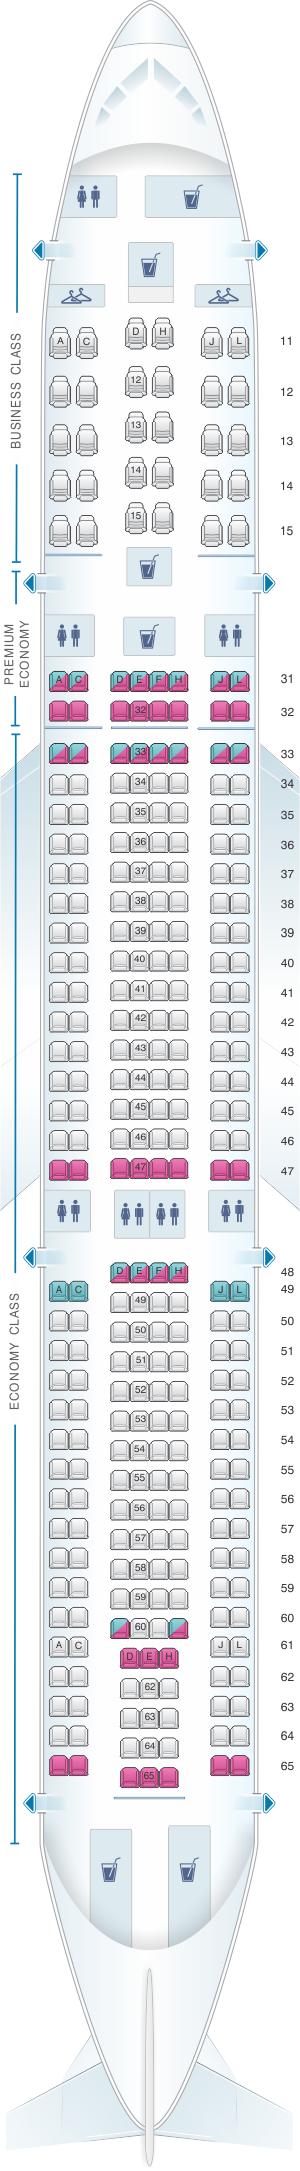 Seat Map Air China Airbus A330 300 (301PAX) | Air China